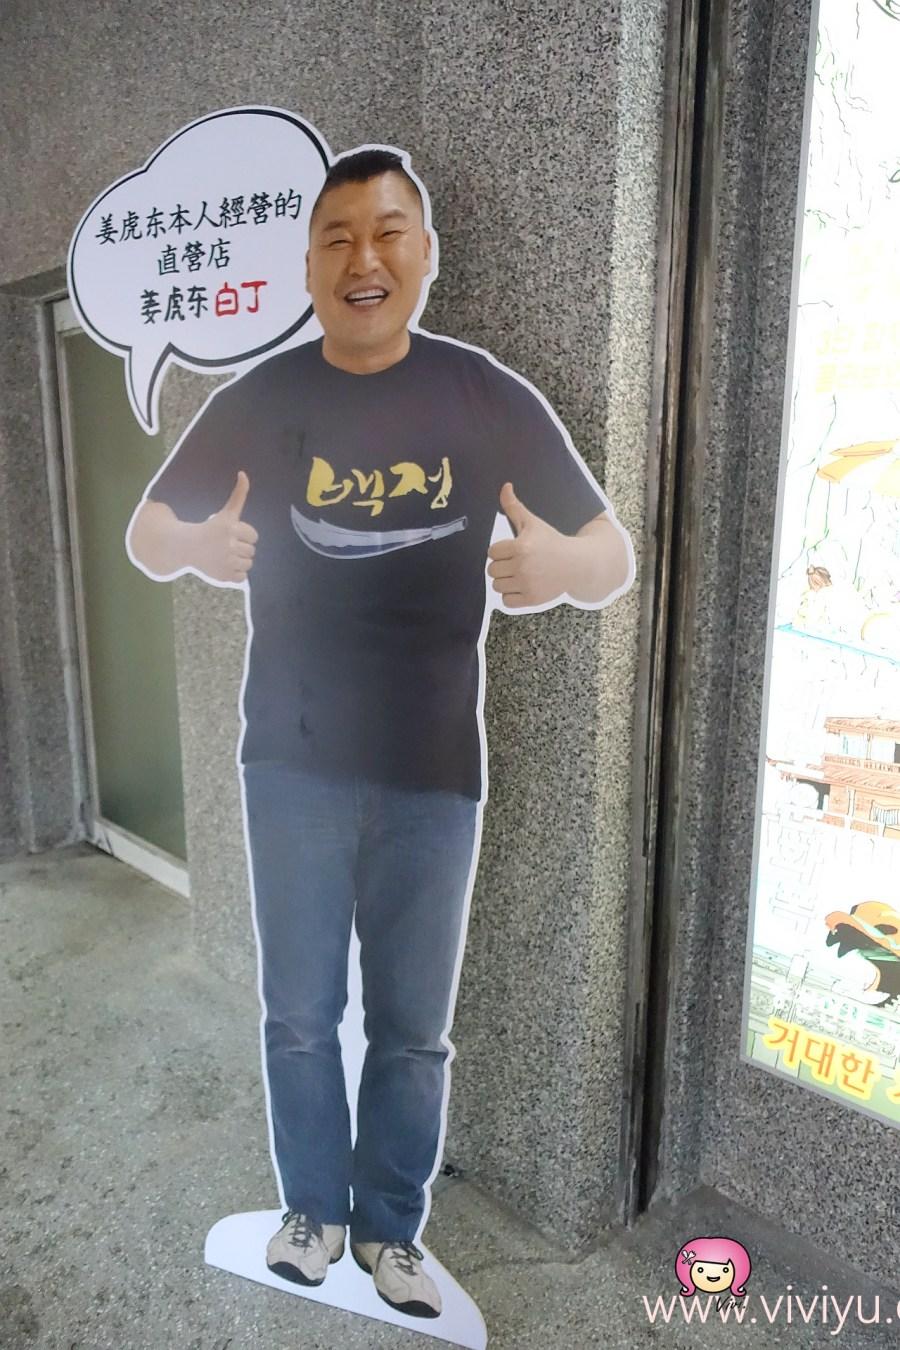 姜虎東,姜虎東678白丁韓式烤肉,小菜吃到飽,桃園美食,韓國傳統烤肉,韓式烤肉 @VIVIYU小世界